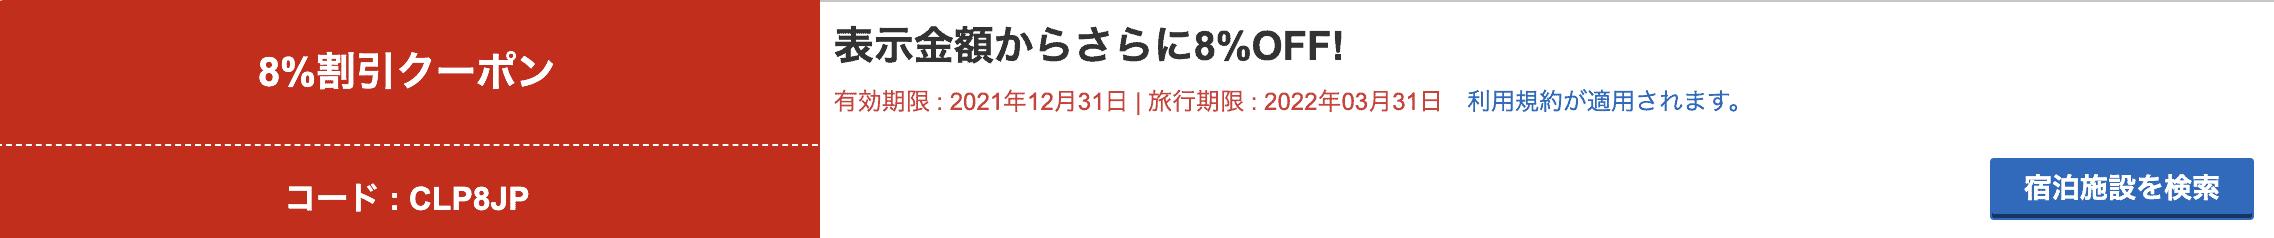 【期間限定】Hotels.com(ホテルズドットコム)「8%OFF」割引クーポンコード